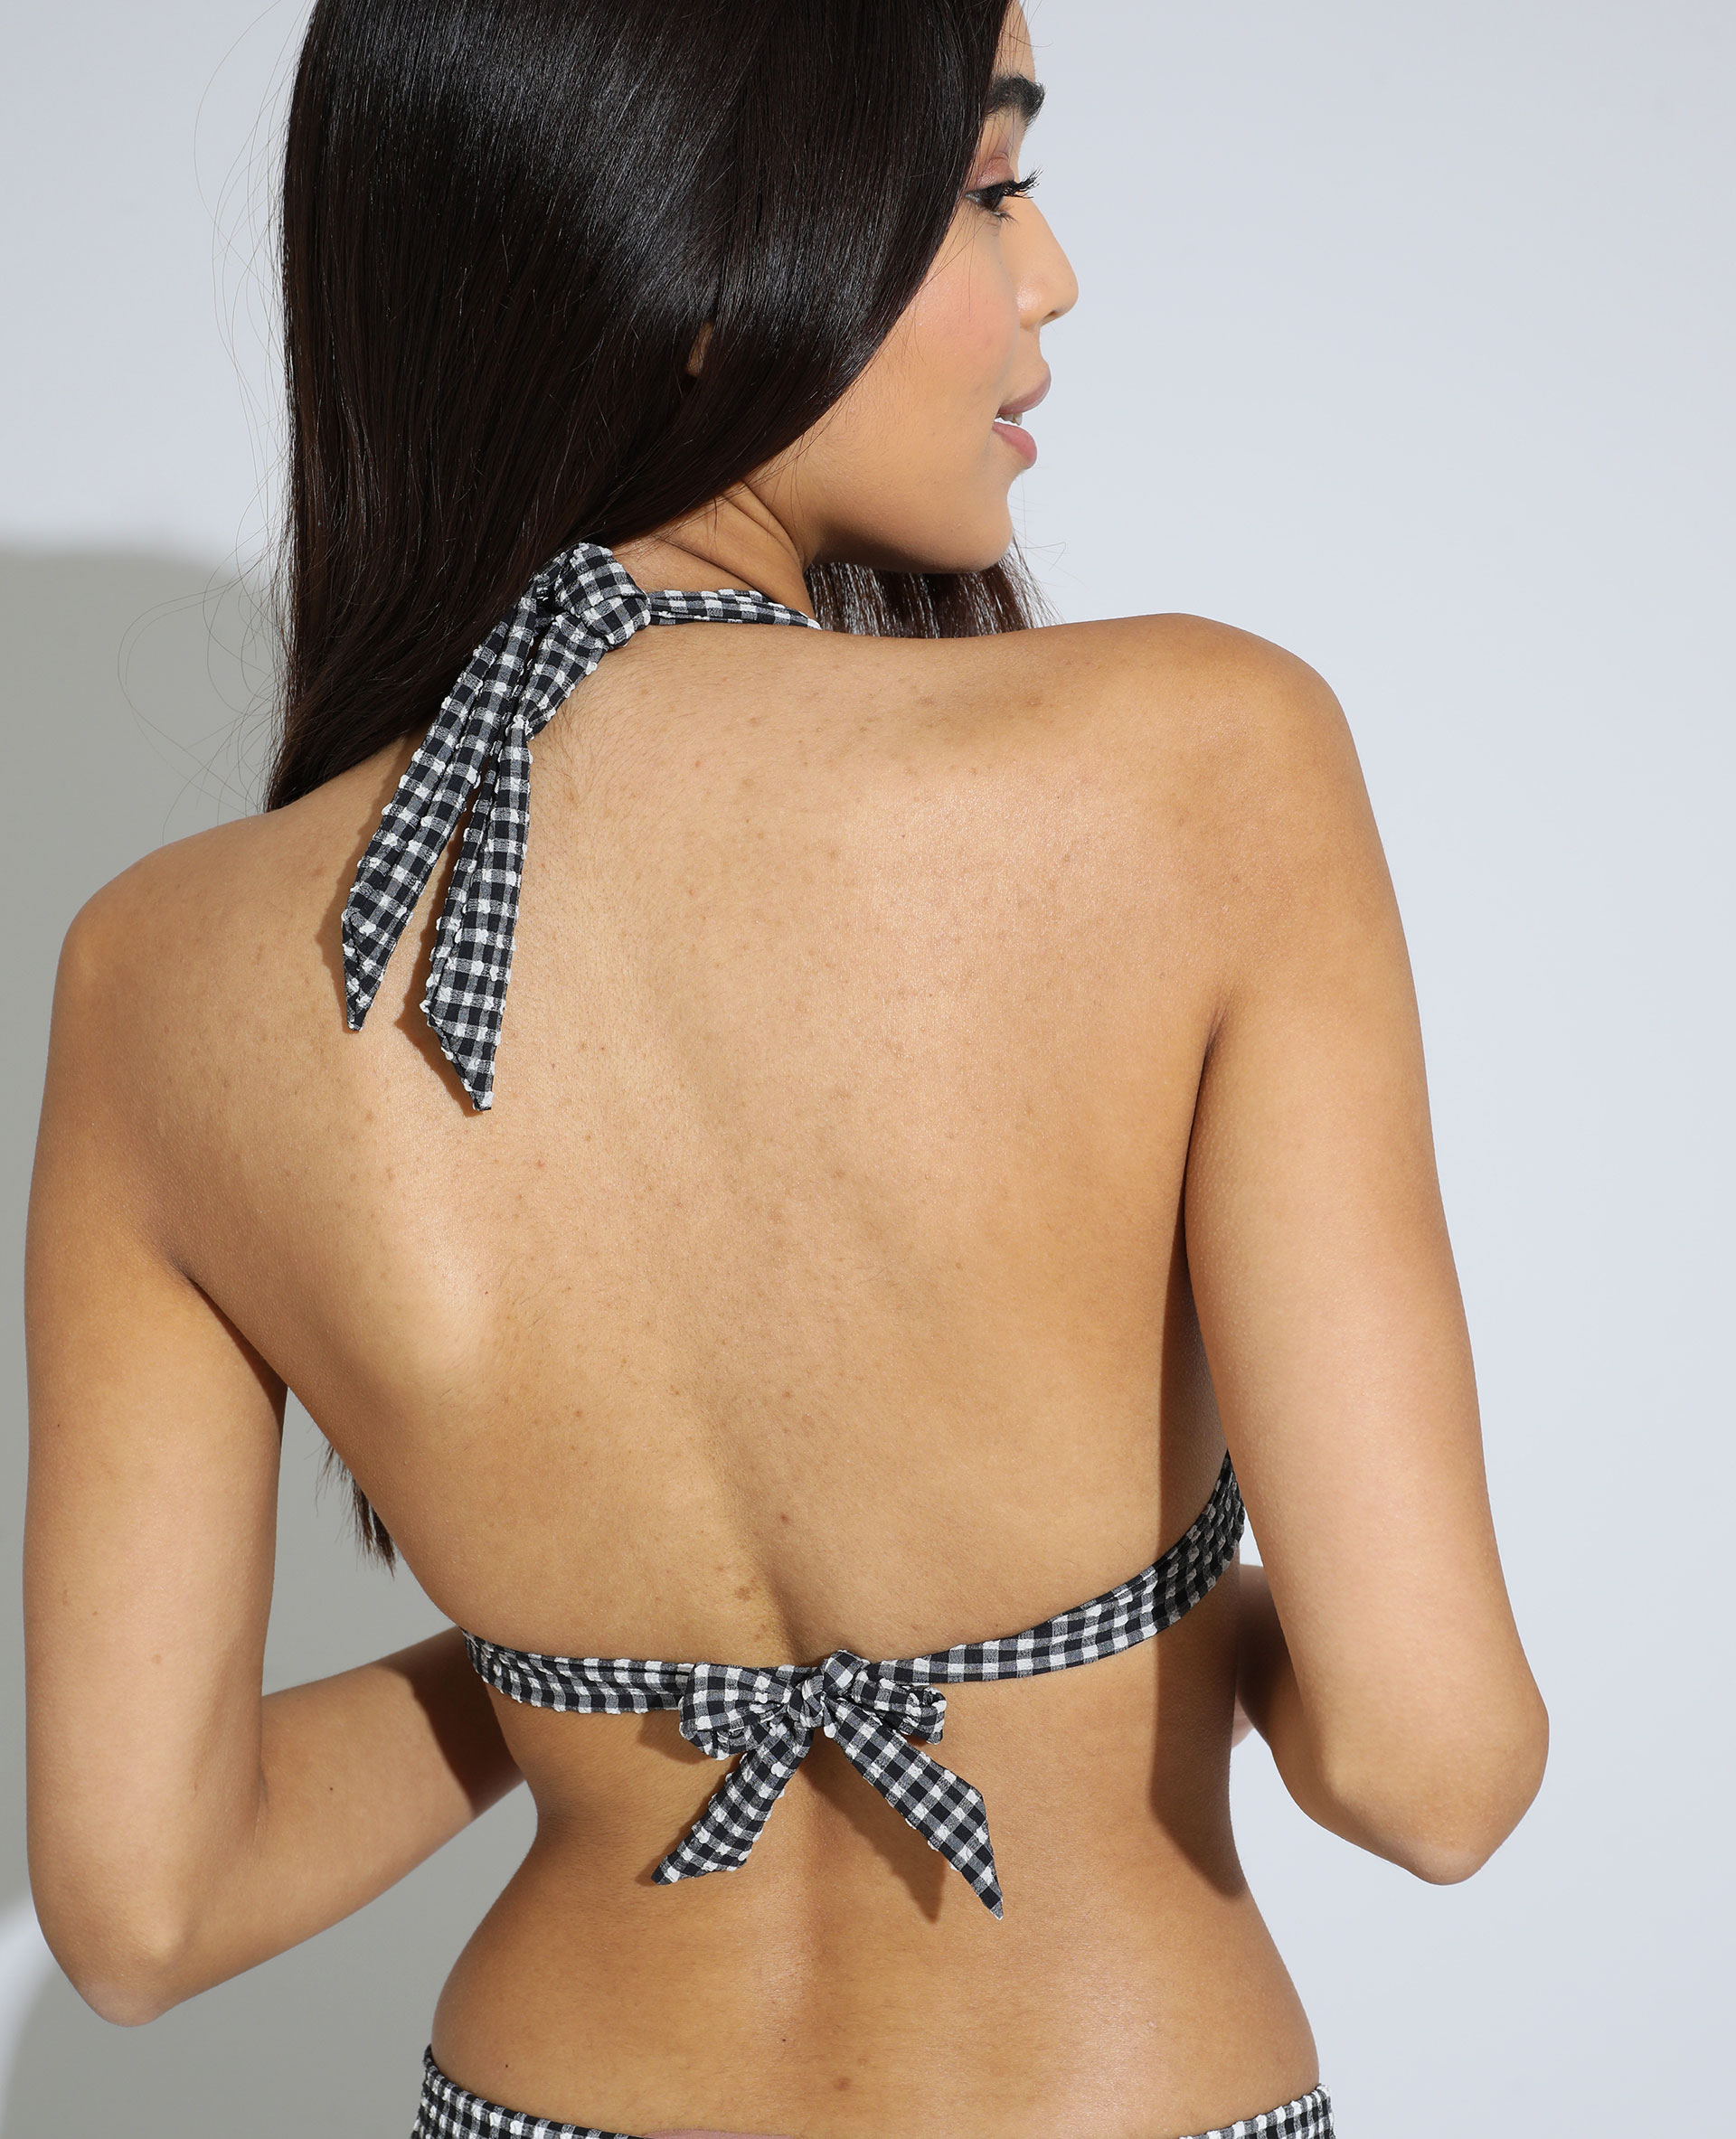 Haut de maillot de bain triangle à carreaux texturé noir - Pimkie